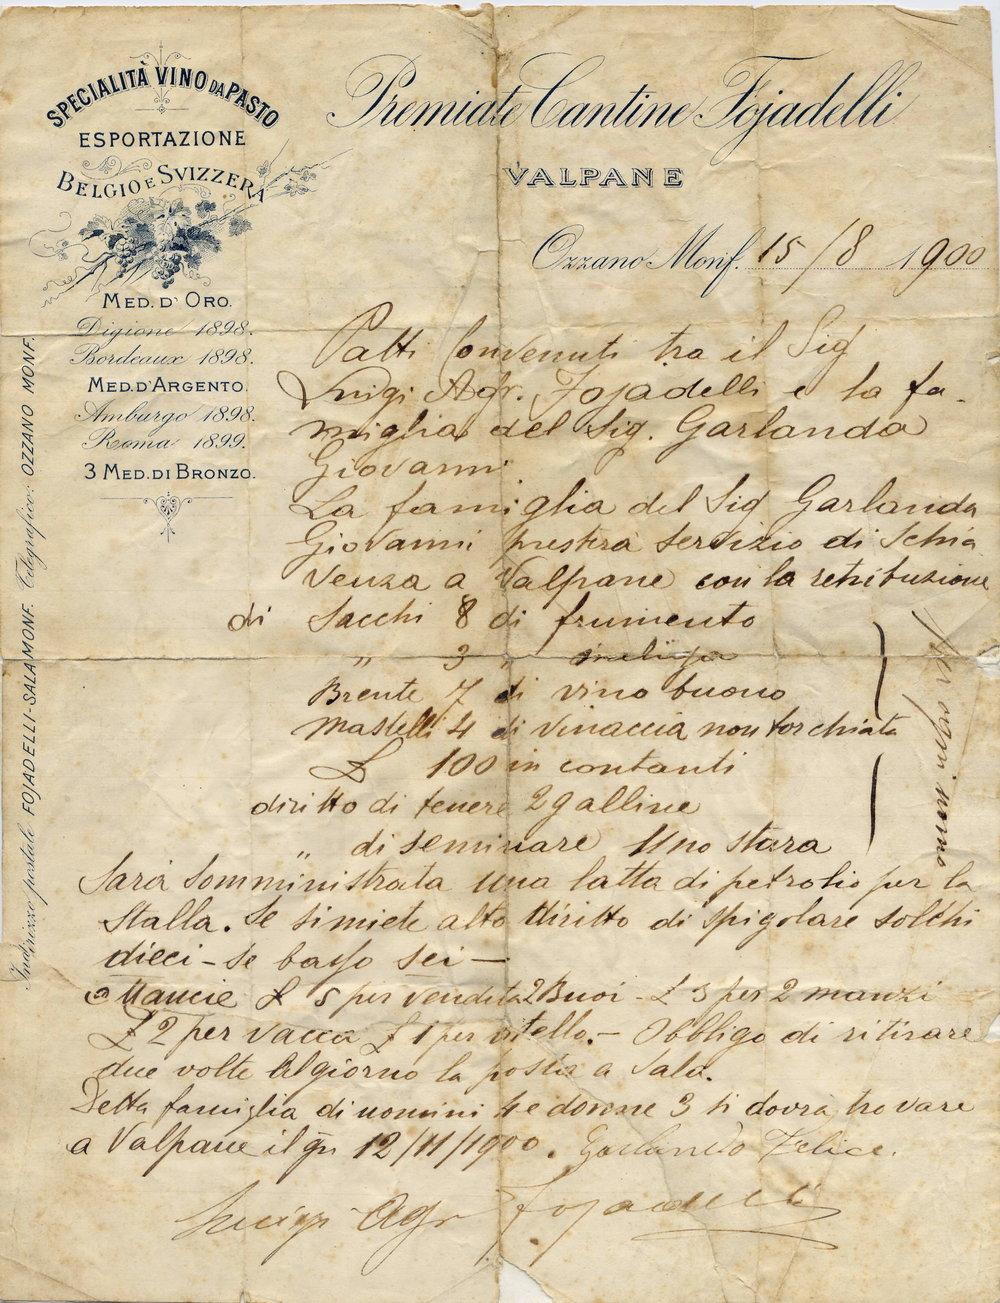 Un contratto redatto a Valpane nel 1900